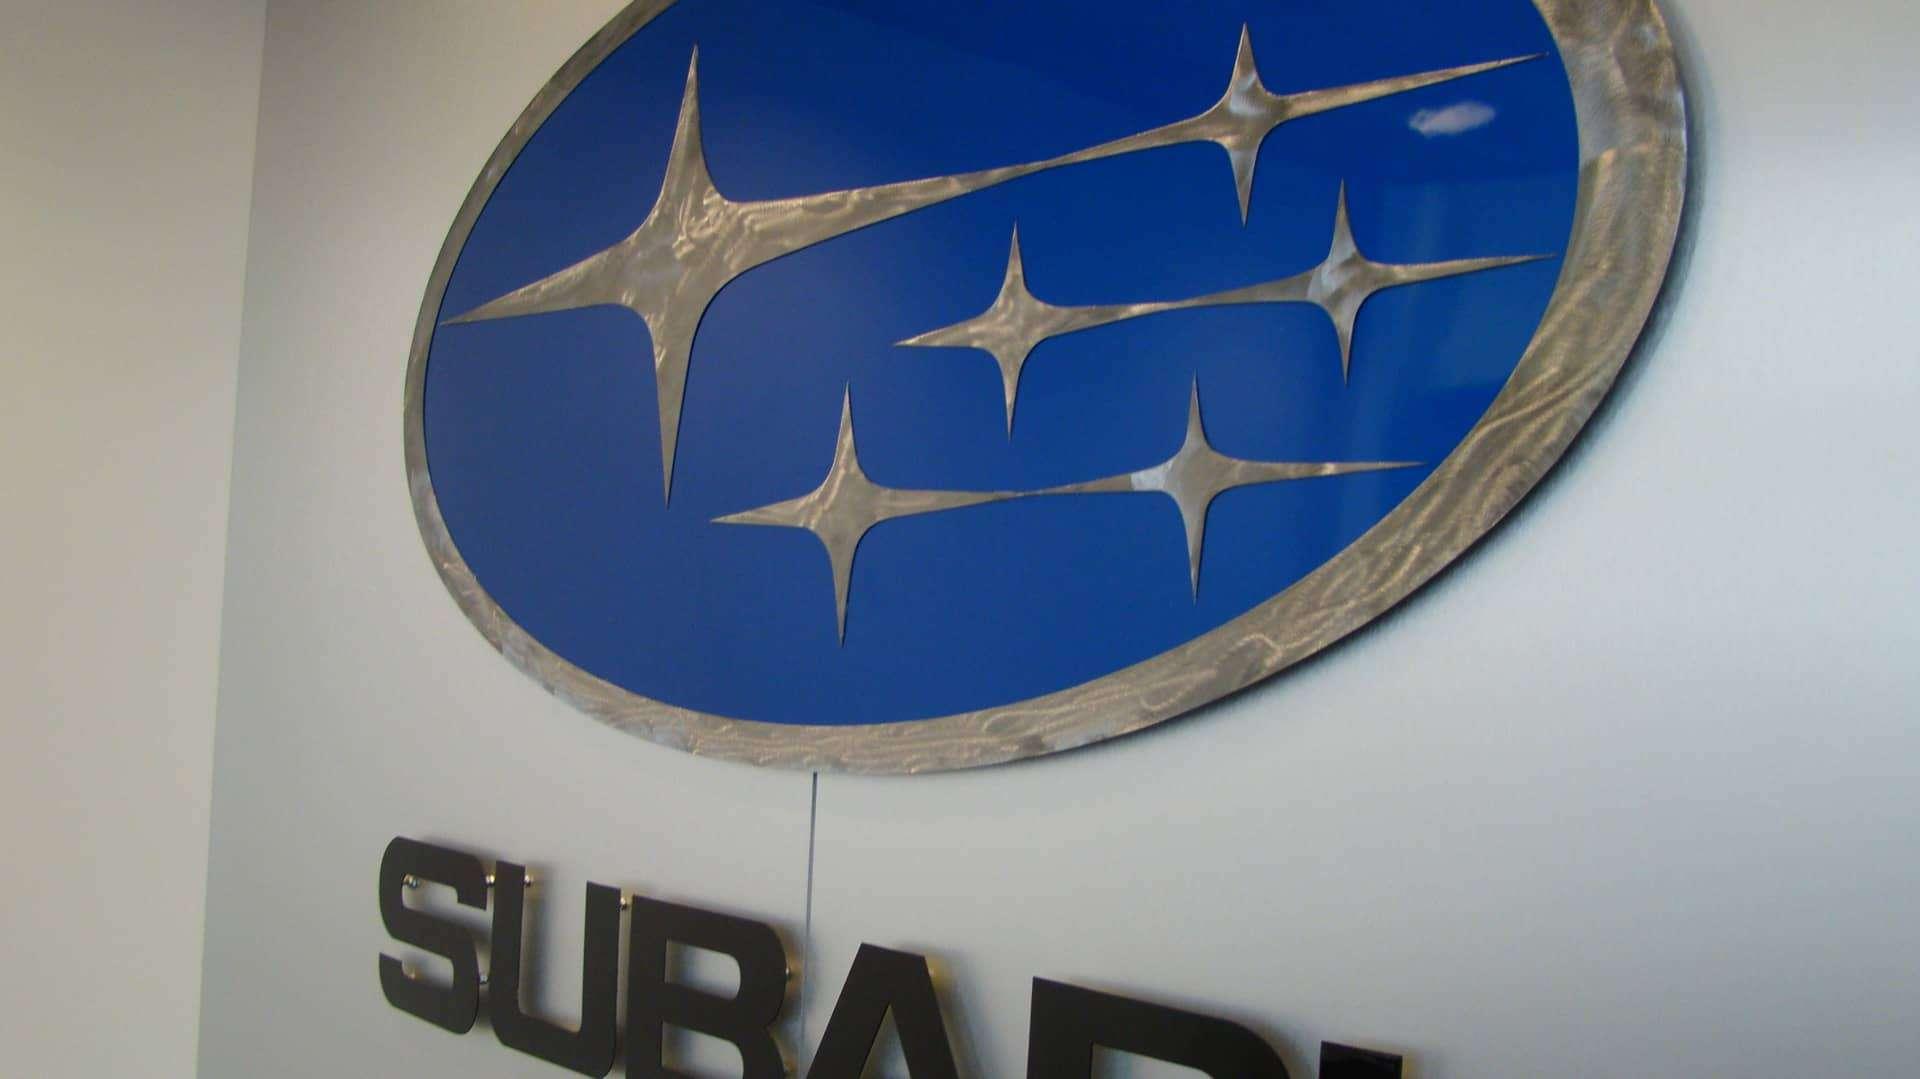 subaru-logo-closeup